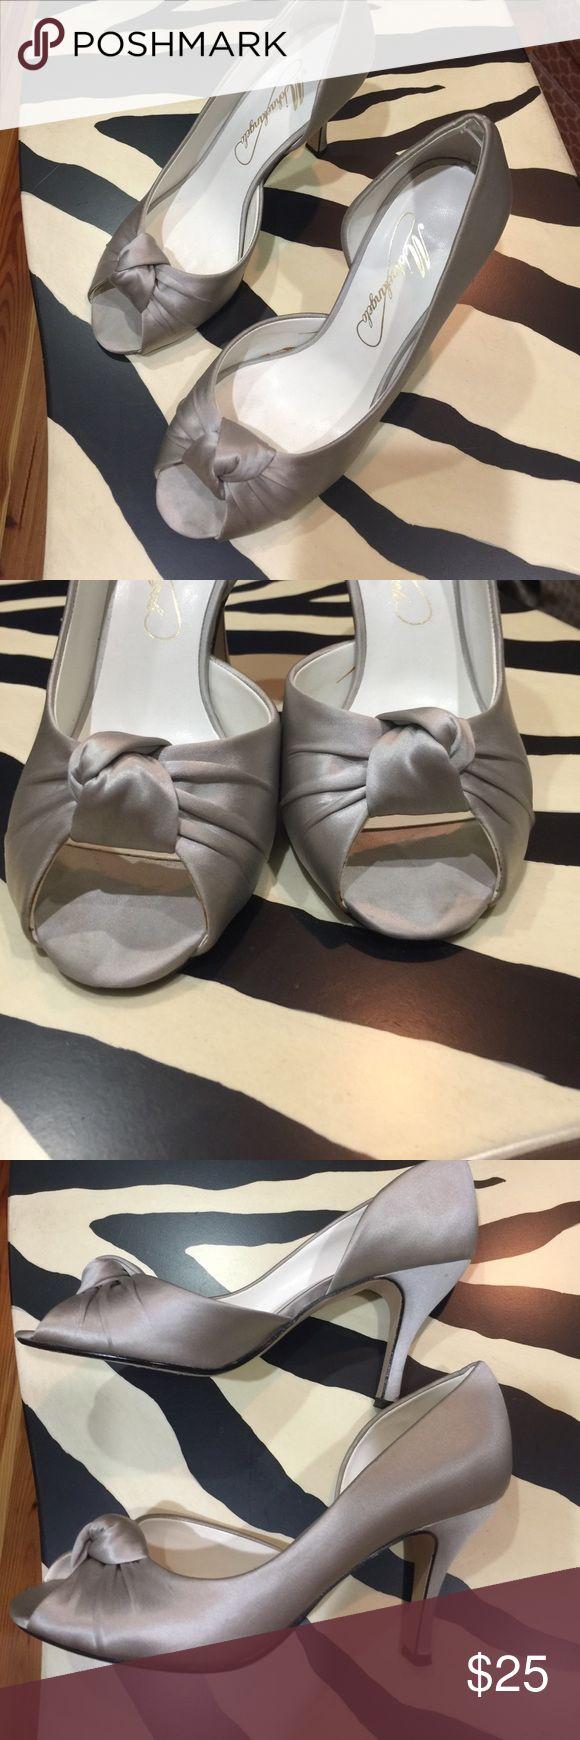 Silver peep toe heels Silver satin peep toe heels. Wore once in a wedding. Shoes Heels